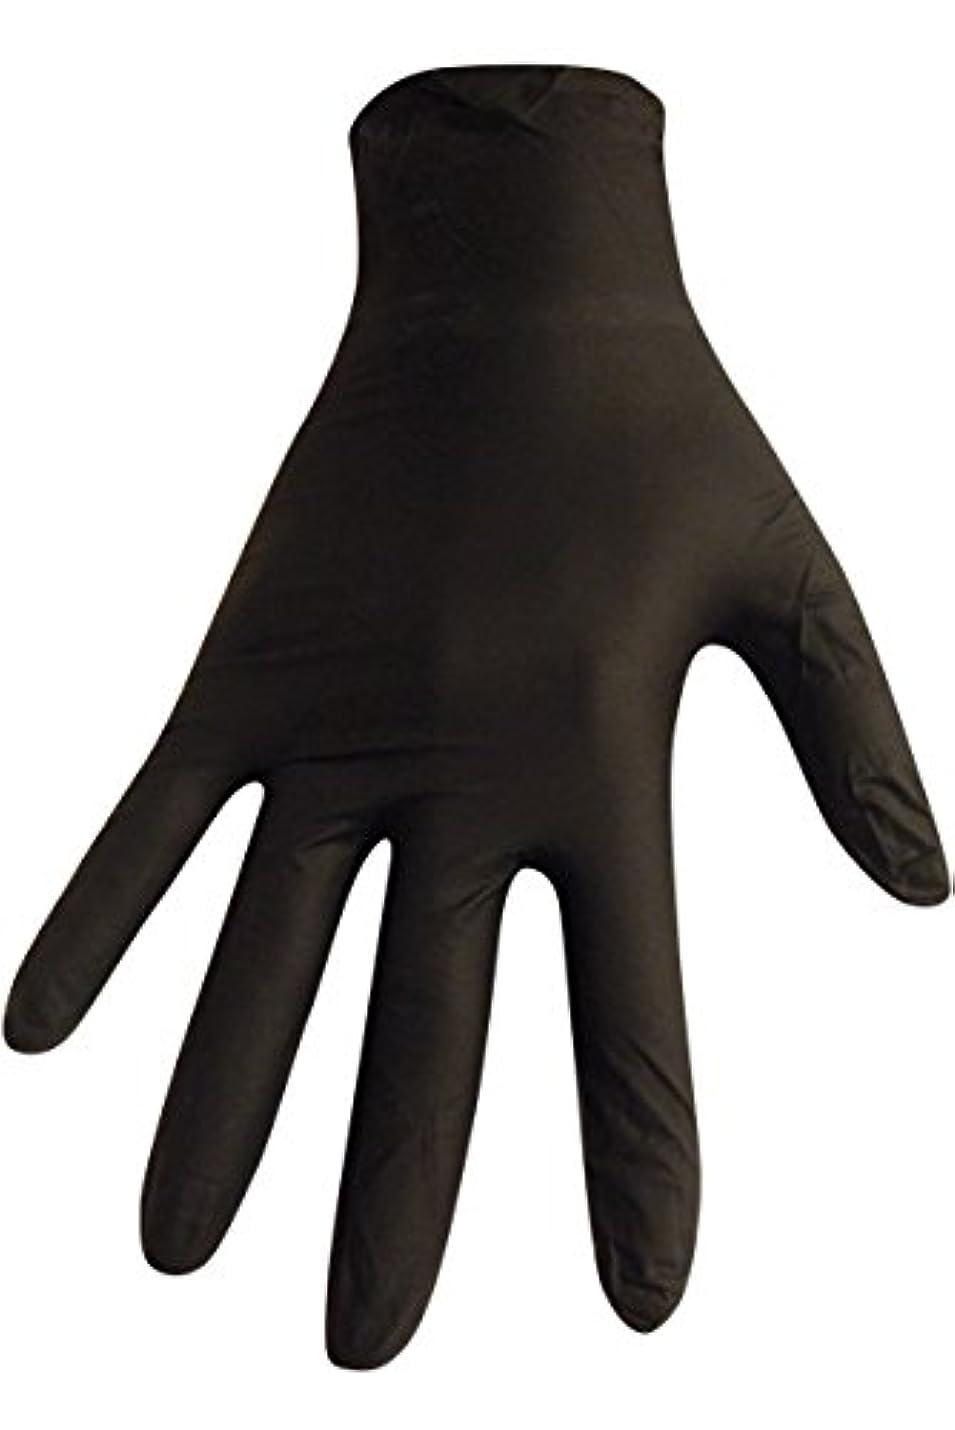 【2個セット】【箱なし発送】ニトリル極薄手袋 S?M?L 選べる4色(100枚入) (L, ブラック)